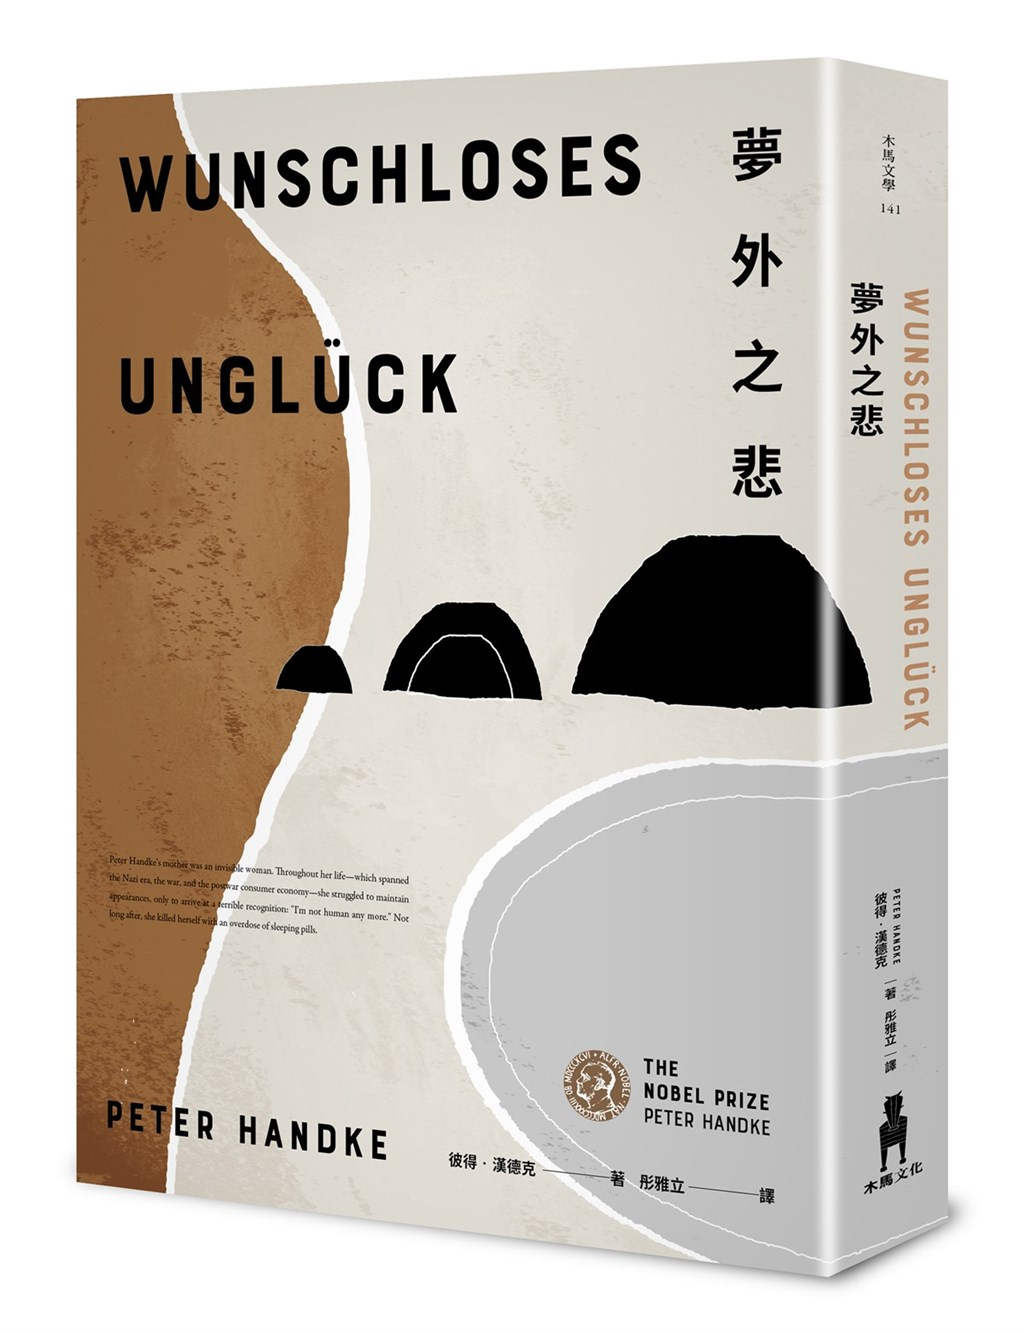 2019年榮獲諾貝爾文學獎肯定的作家彼得.漢德克(Peter Handke),其半自傳小說「夢外之悲」全新譯本,9月正式在台出版。(木馬文化提供)中央社 109年9月5日